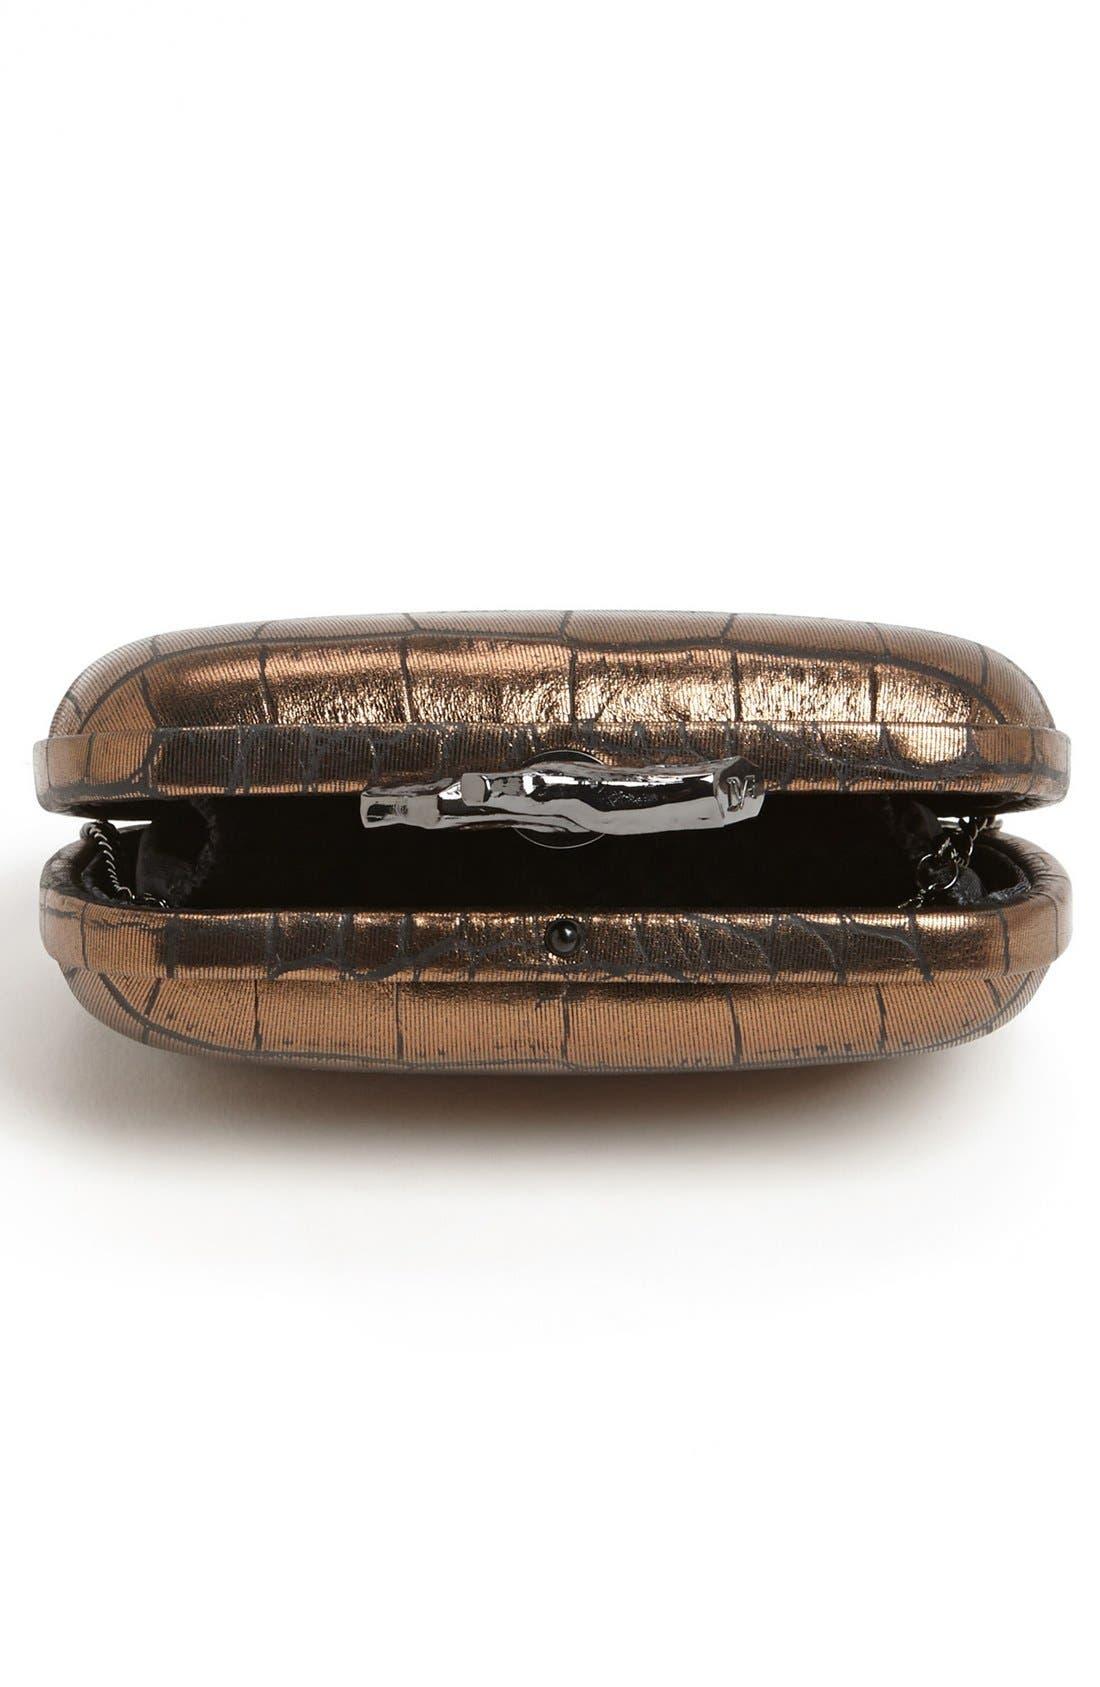 Alternate Image 3  - Diane von Furstenberg 'Lytton' Embossed Metallic Leather Clutch